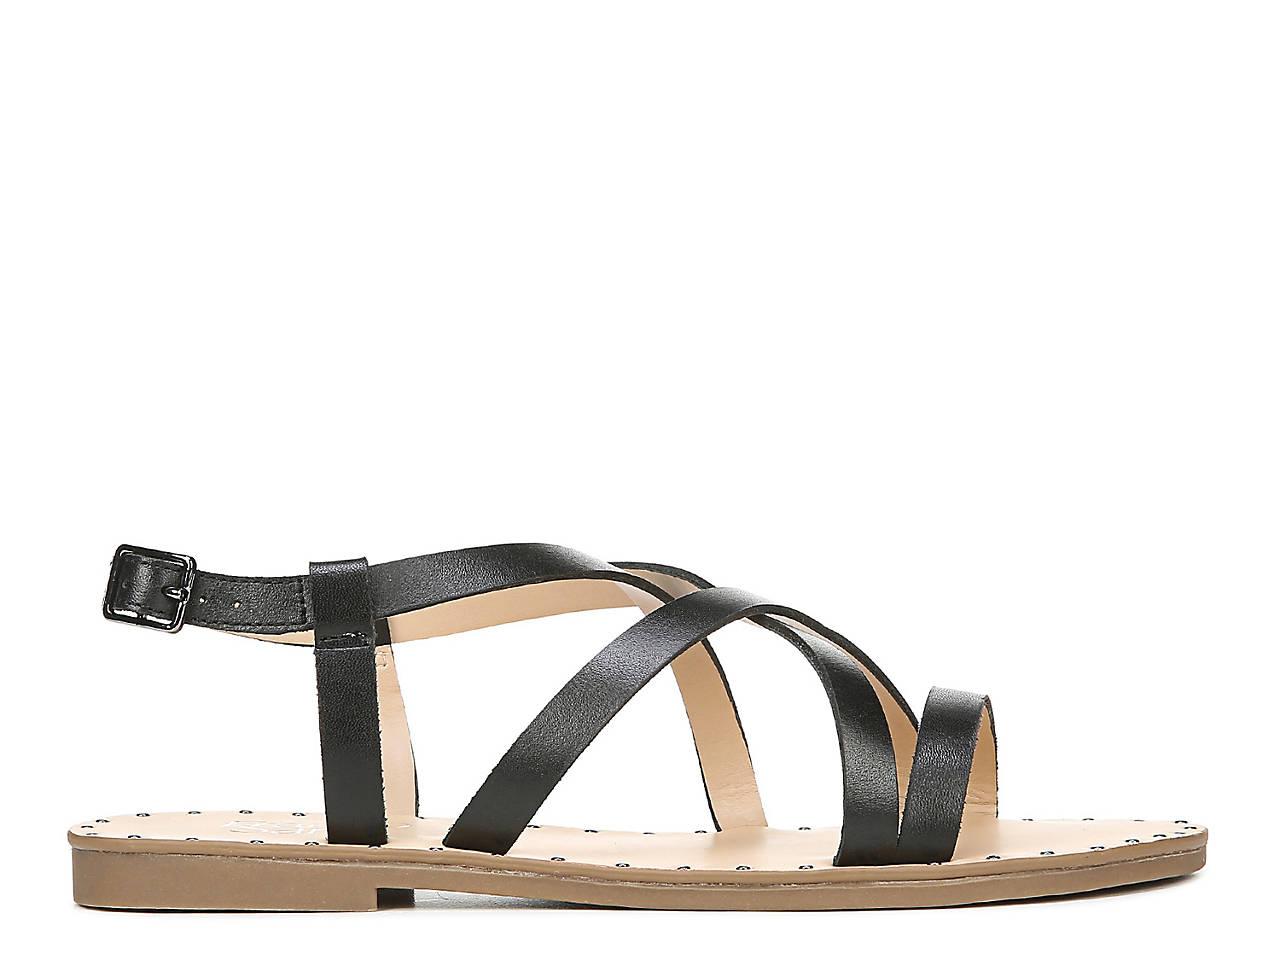 3b65a13f8c17 Franco Sarto Kayak Sandal Women s Shoes